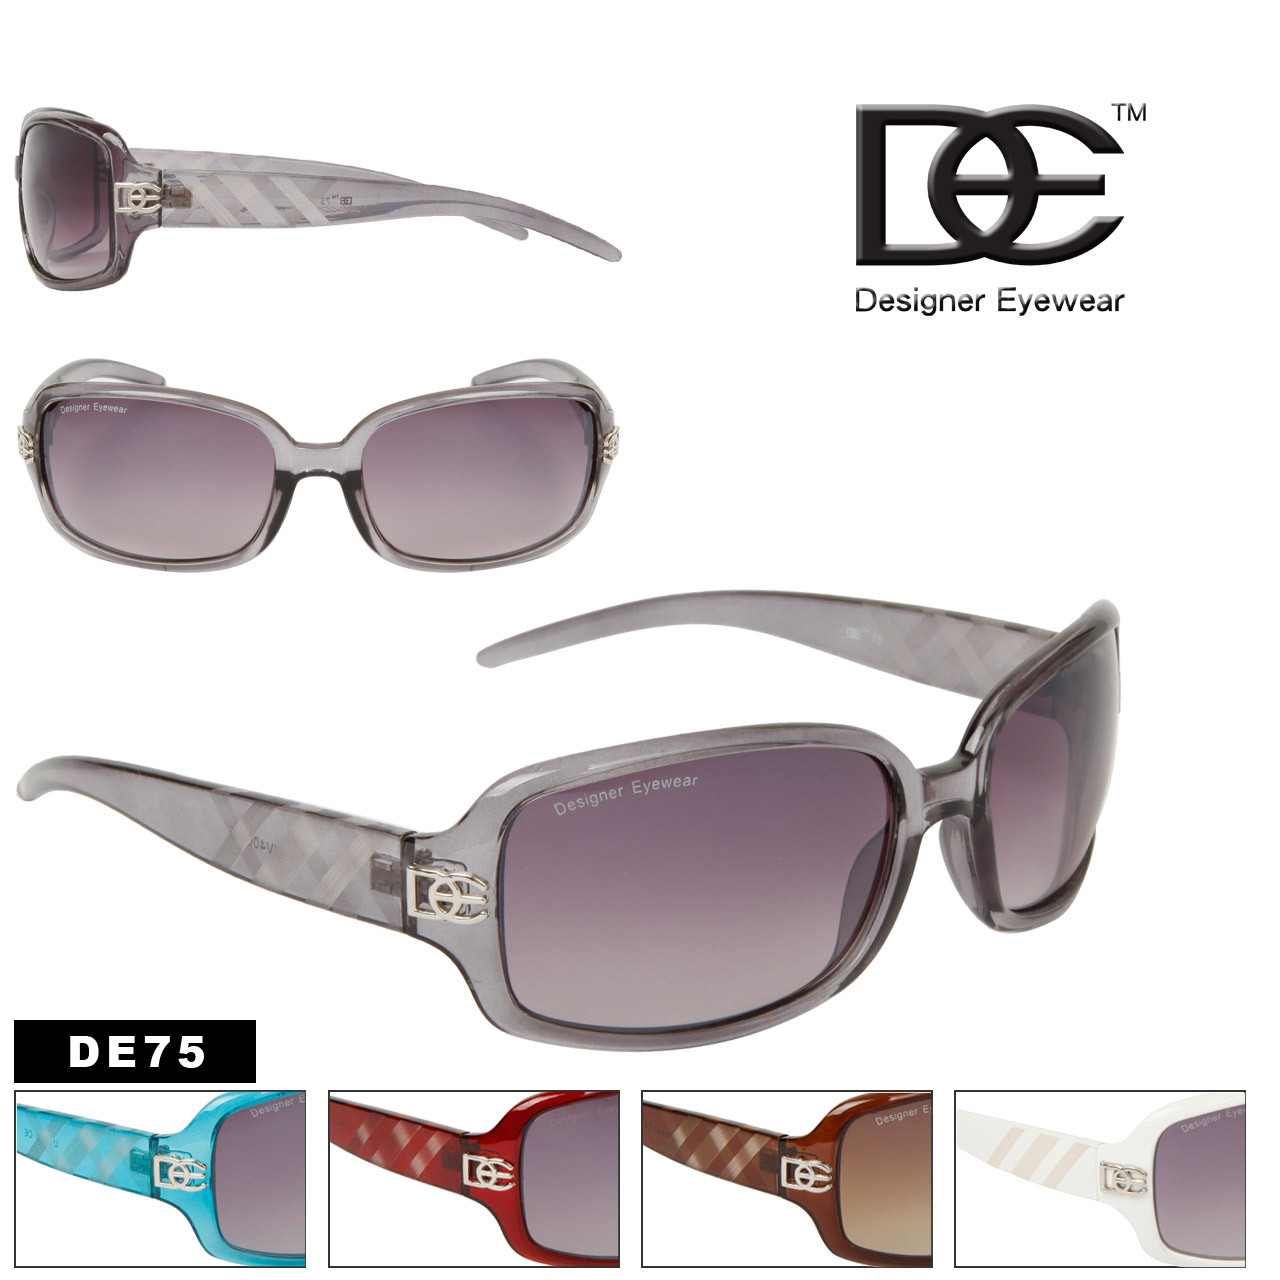 Fashion Sunglasses DE75